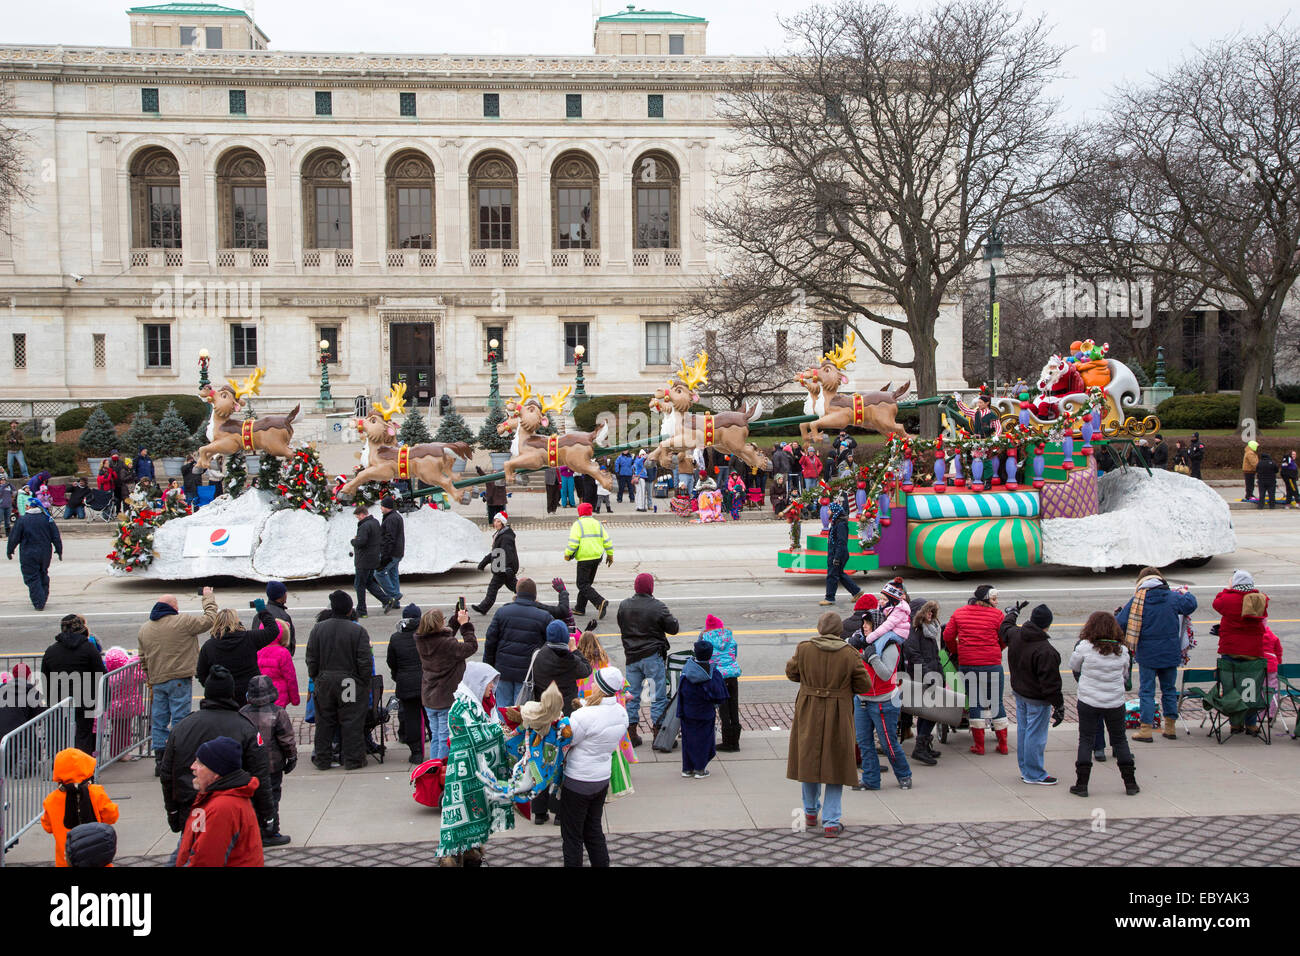 Detroit per il giorno del Ringraziamento Parade, ufficialmente chiamato America's Thanksgiving Parade. Immagini Stock